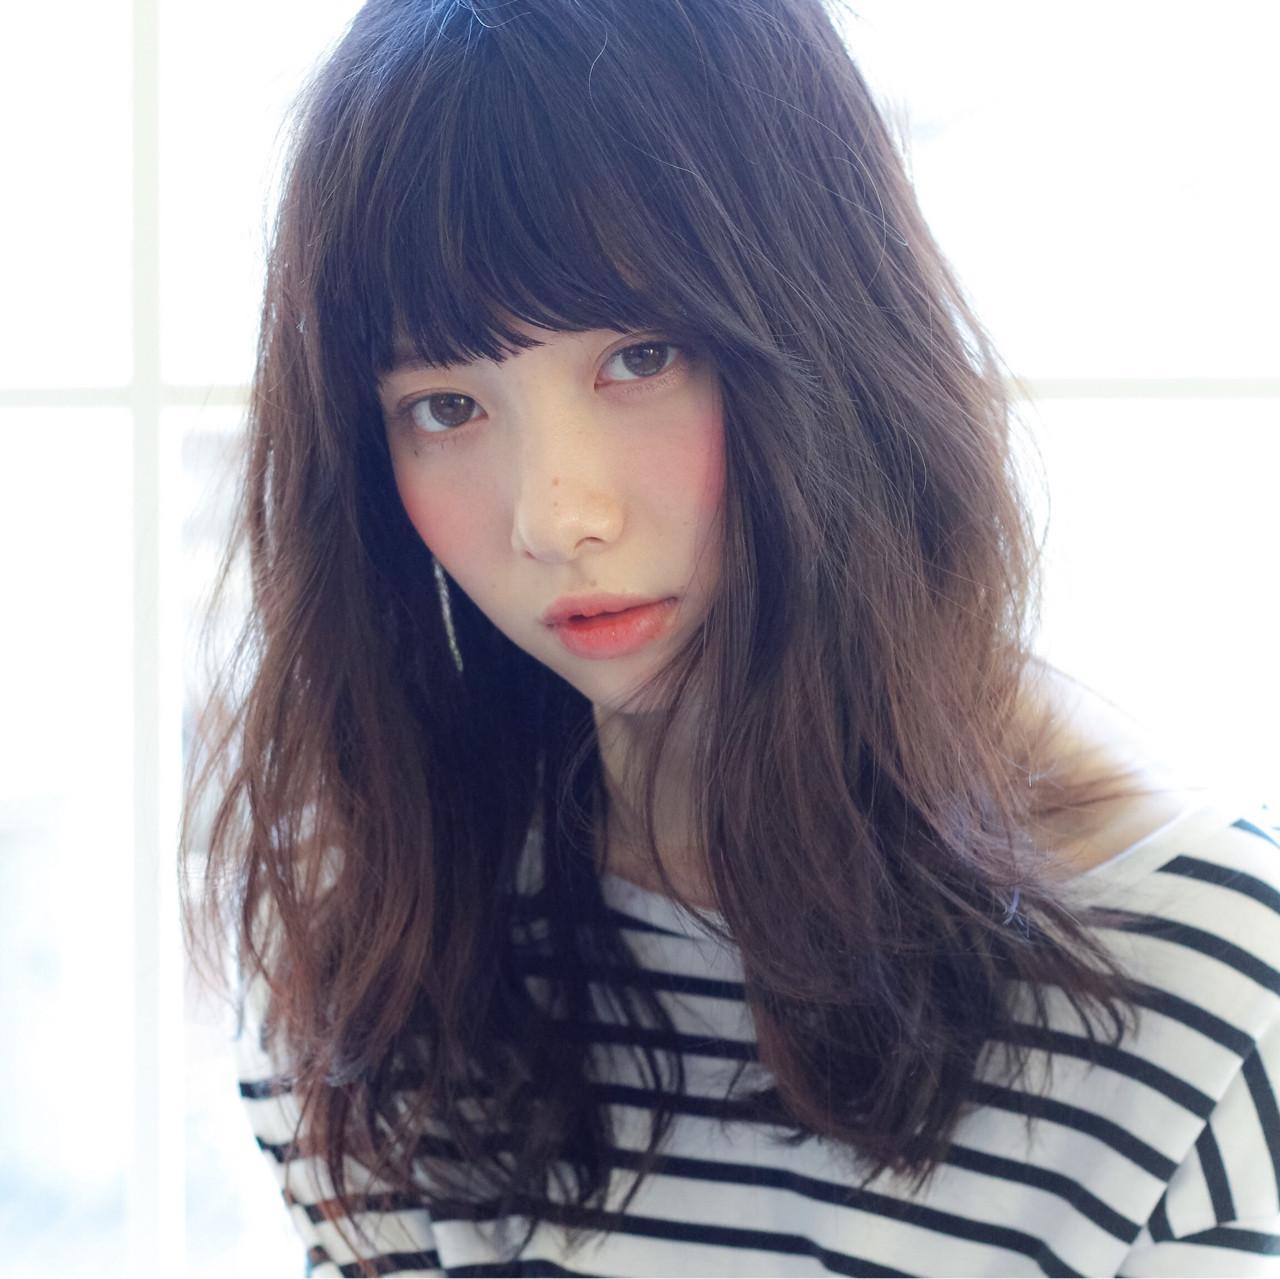 【ヘアカタログ】黒髪を活かしたヘアスタイル8選  Grow by GARDEN 細田